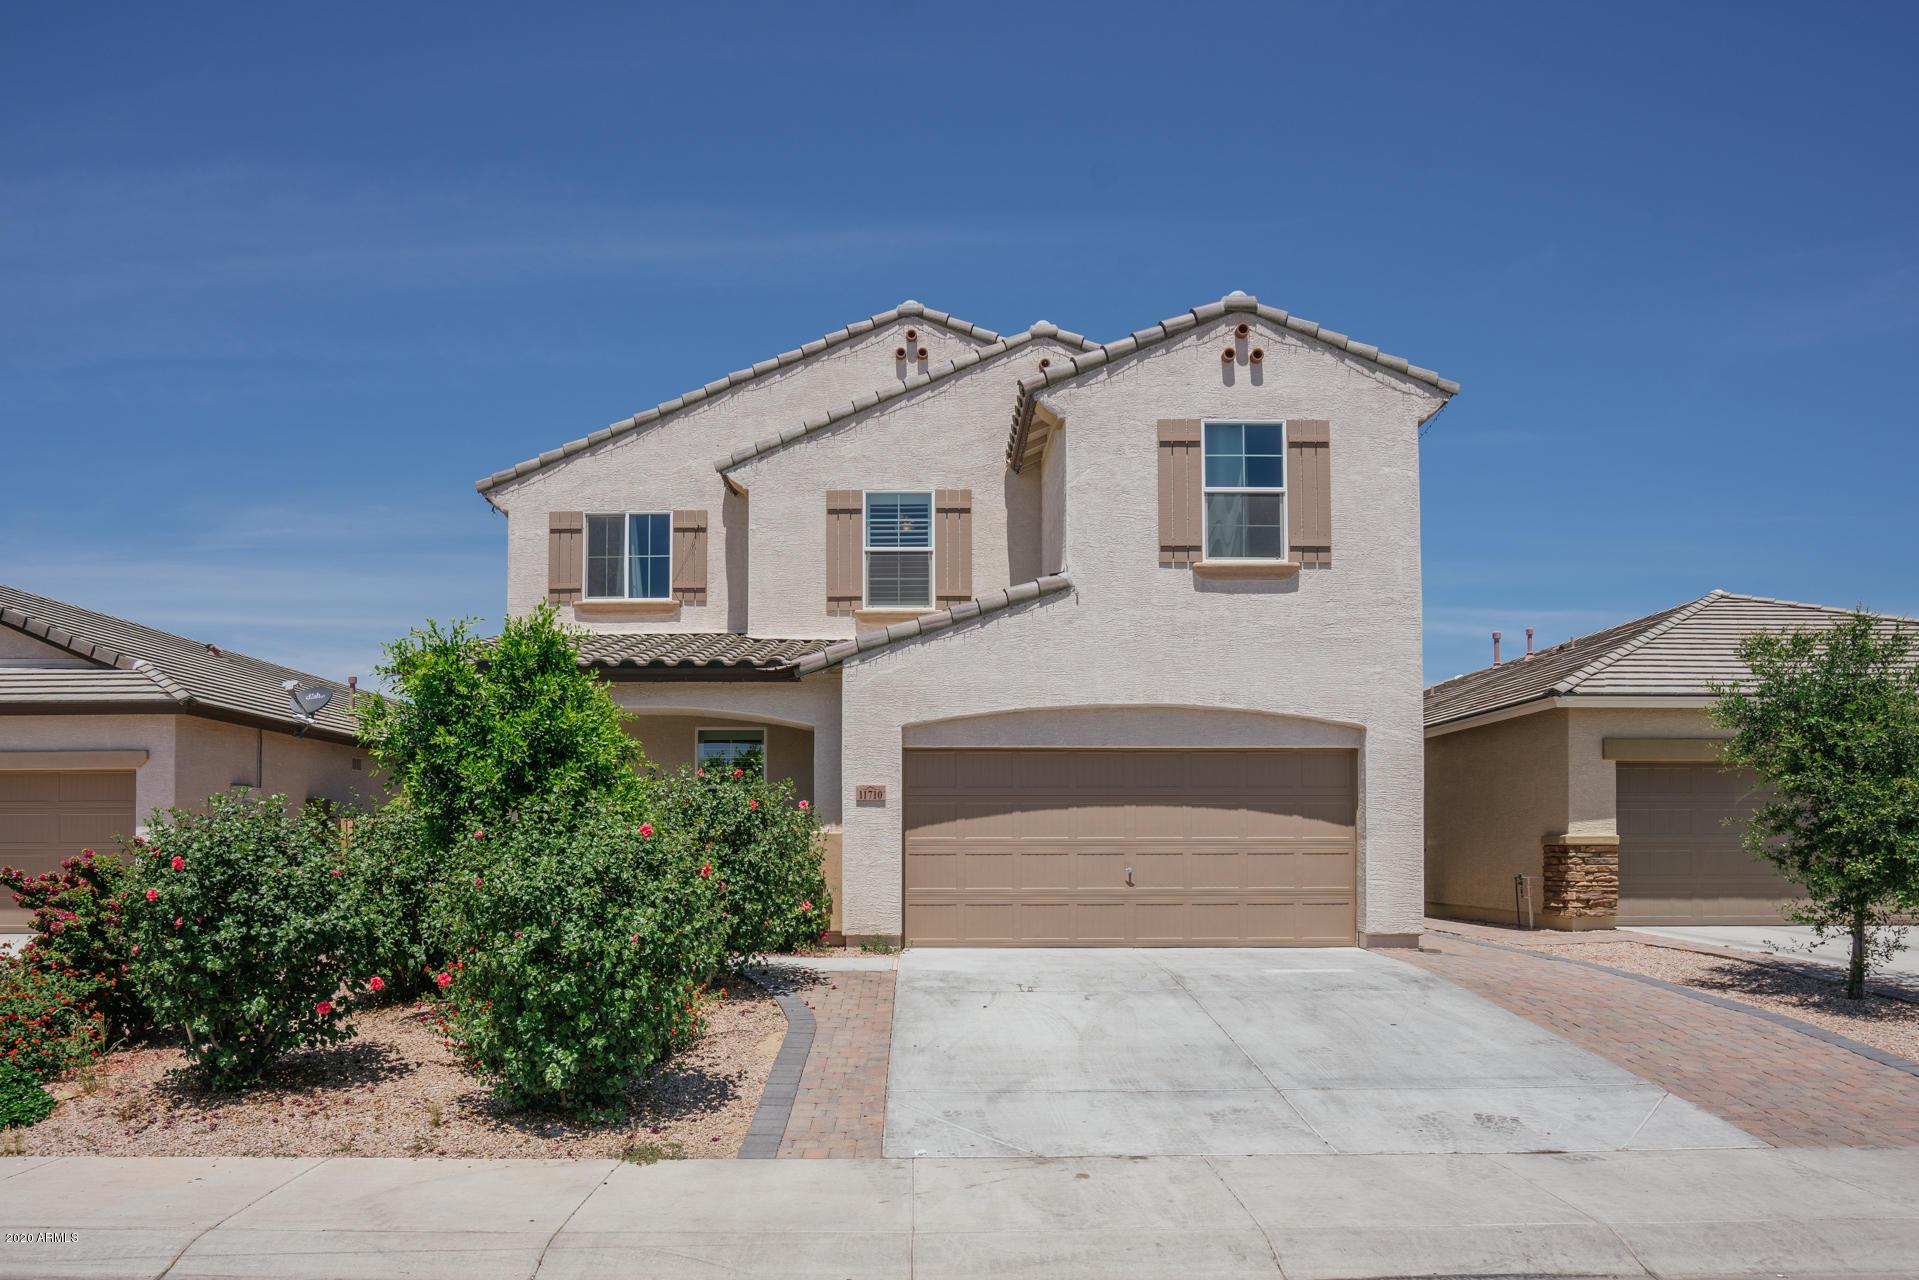 Photo of 11710 W CHASE Lane, Avondale, AZ 85323